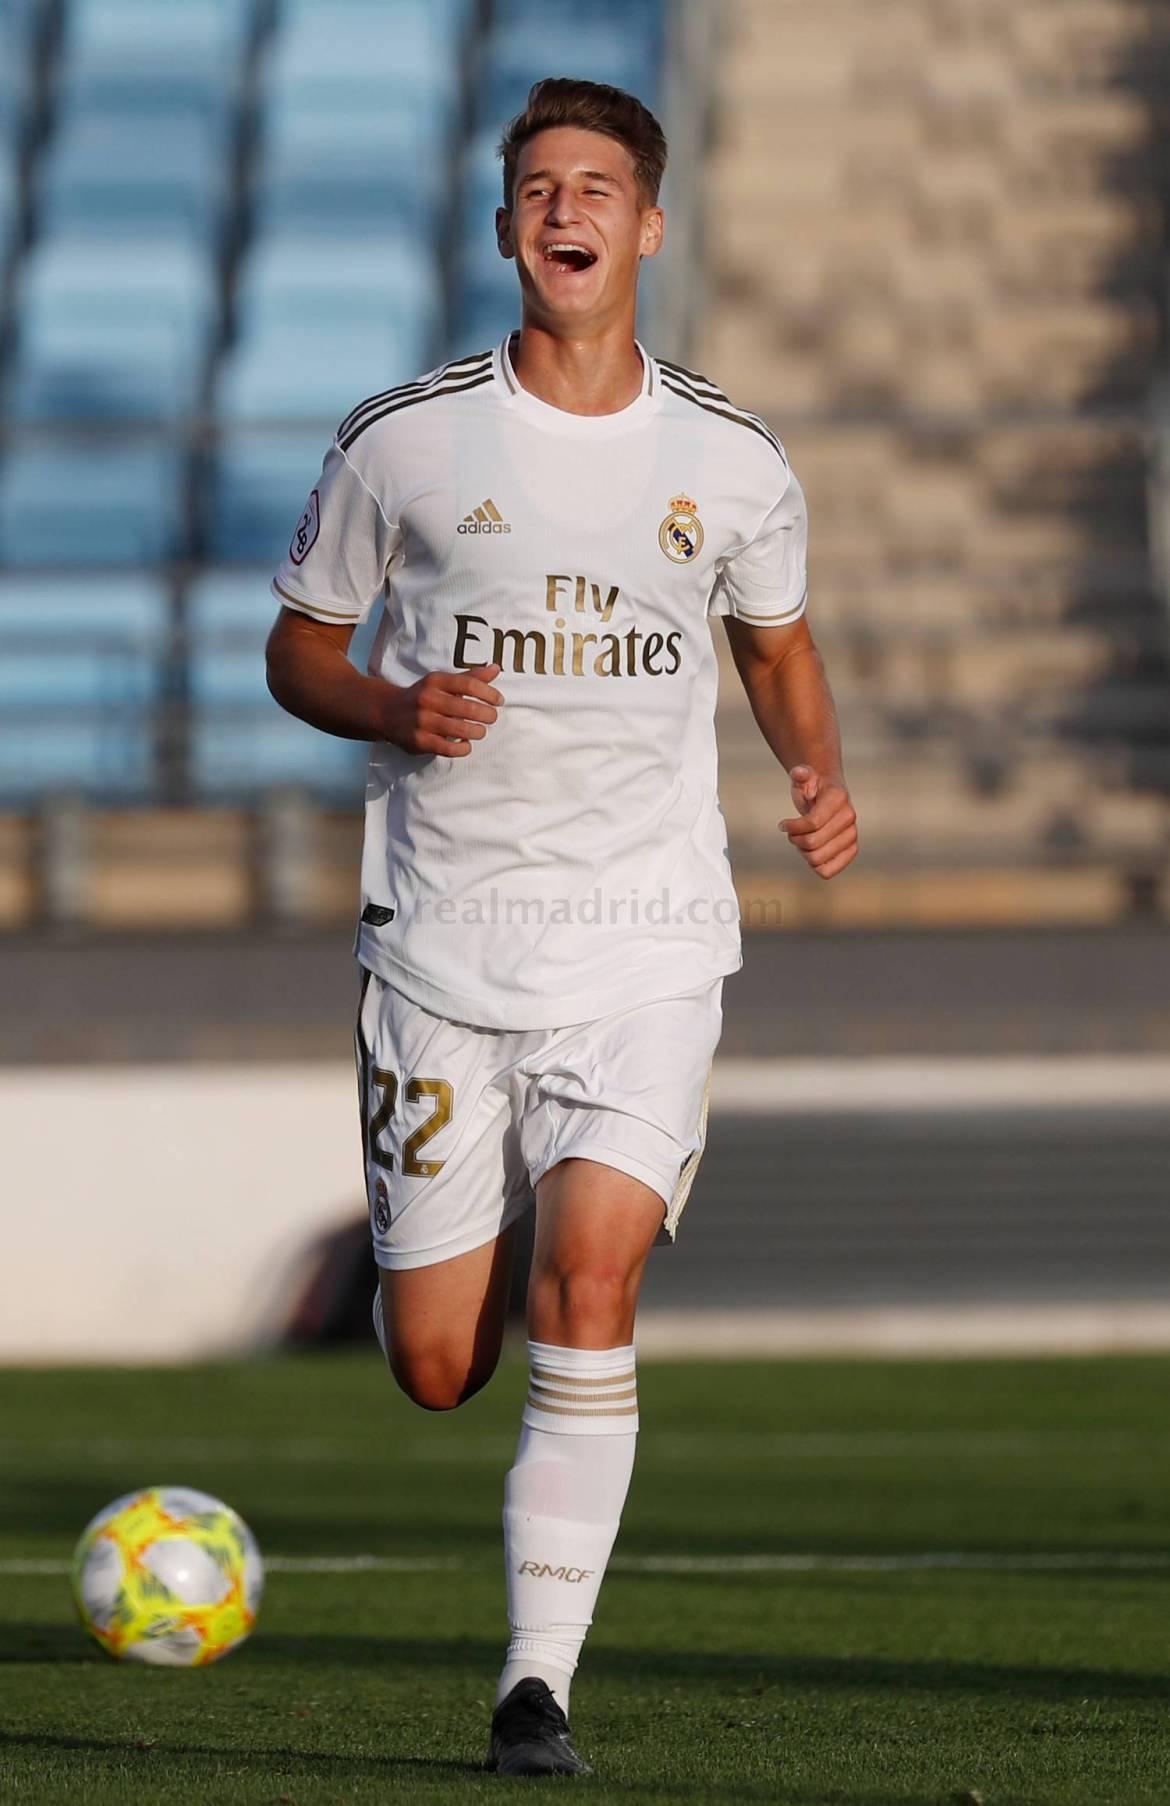 Baeza, Real Madrid Castilla